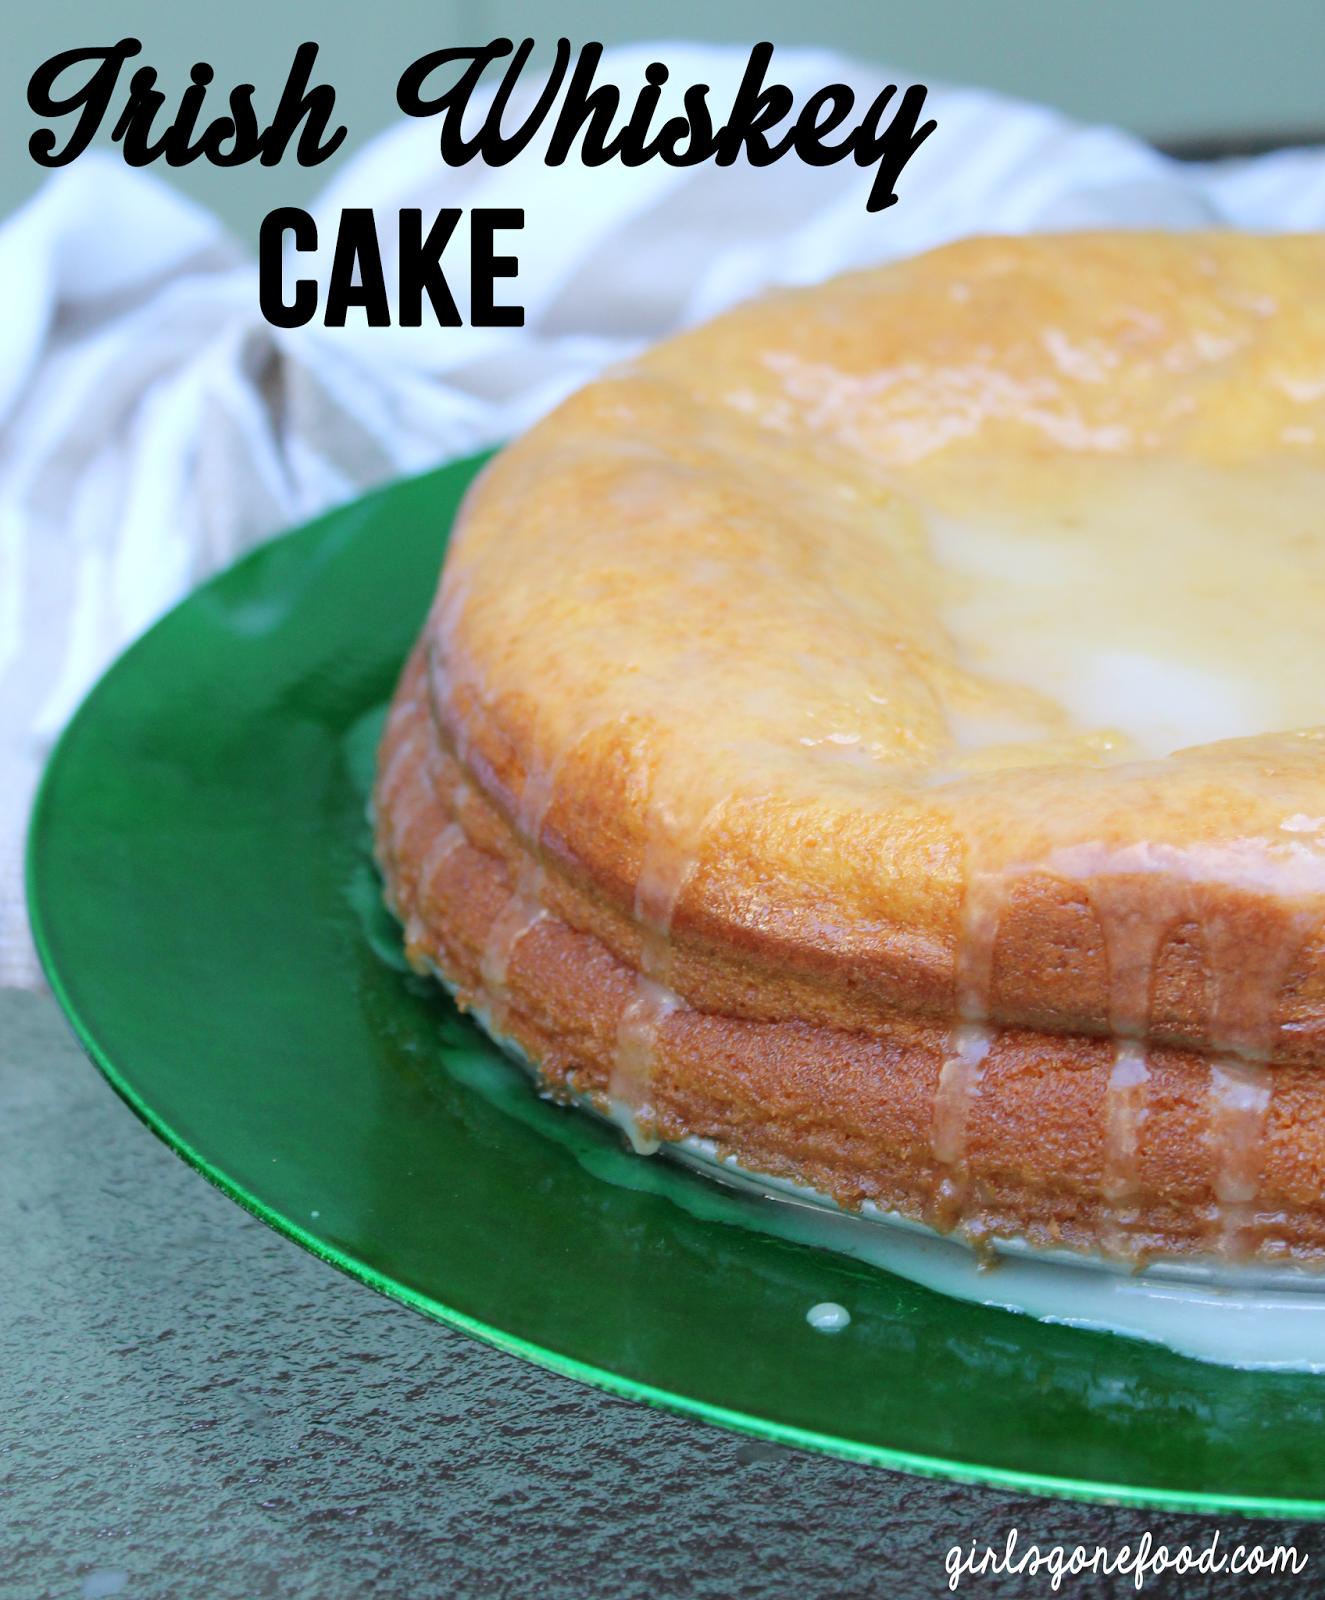 Whiskey Cake, Irish Recipes, Dessert